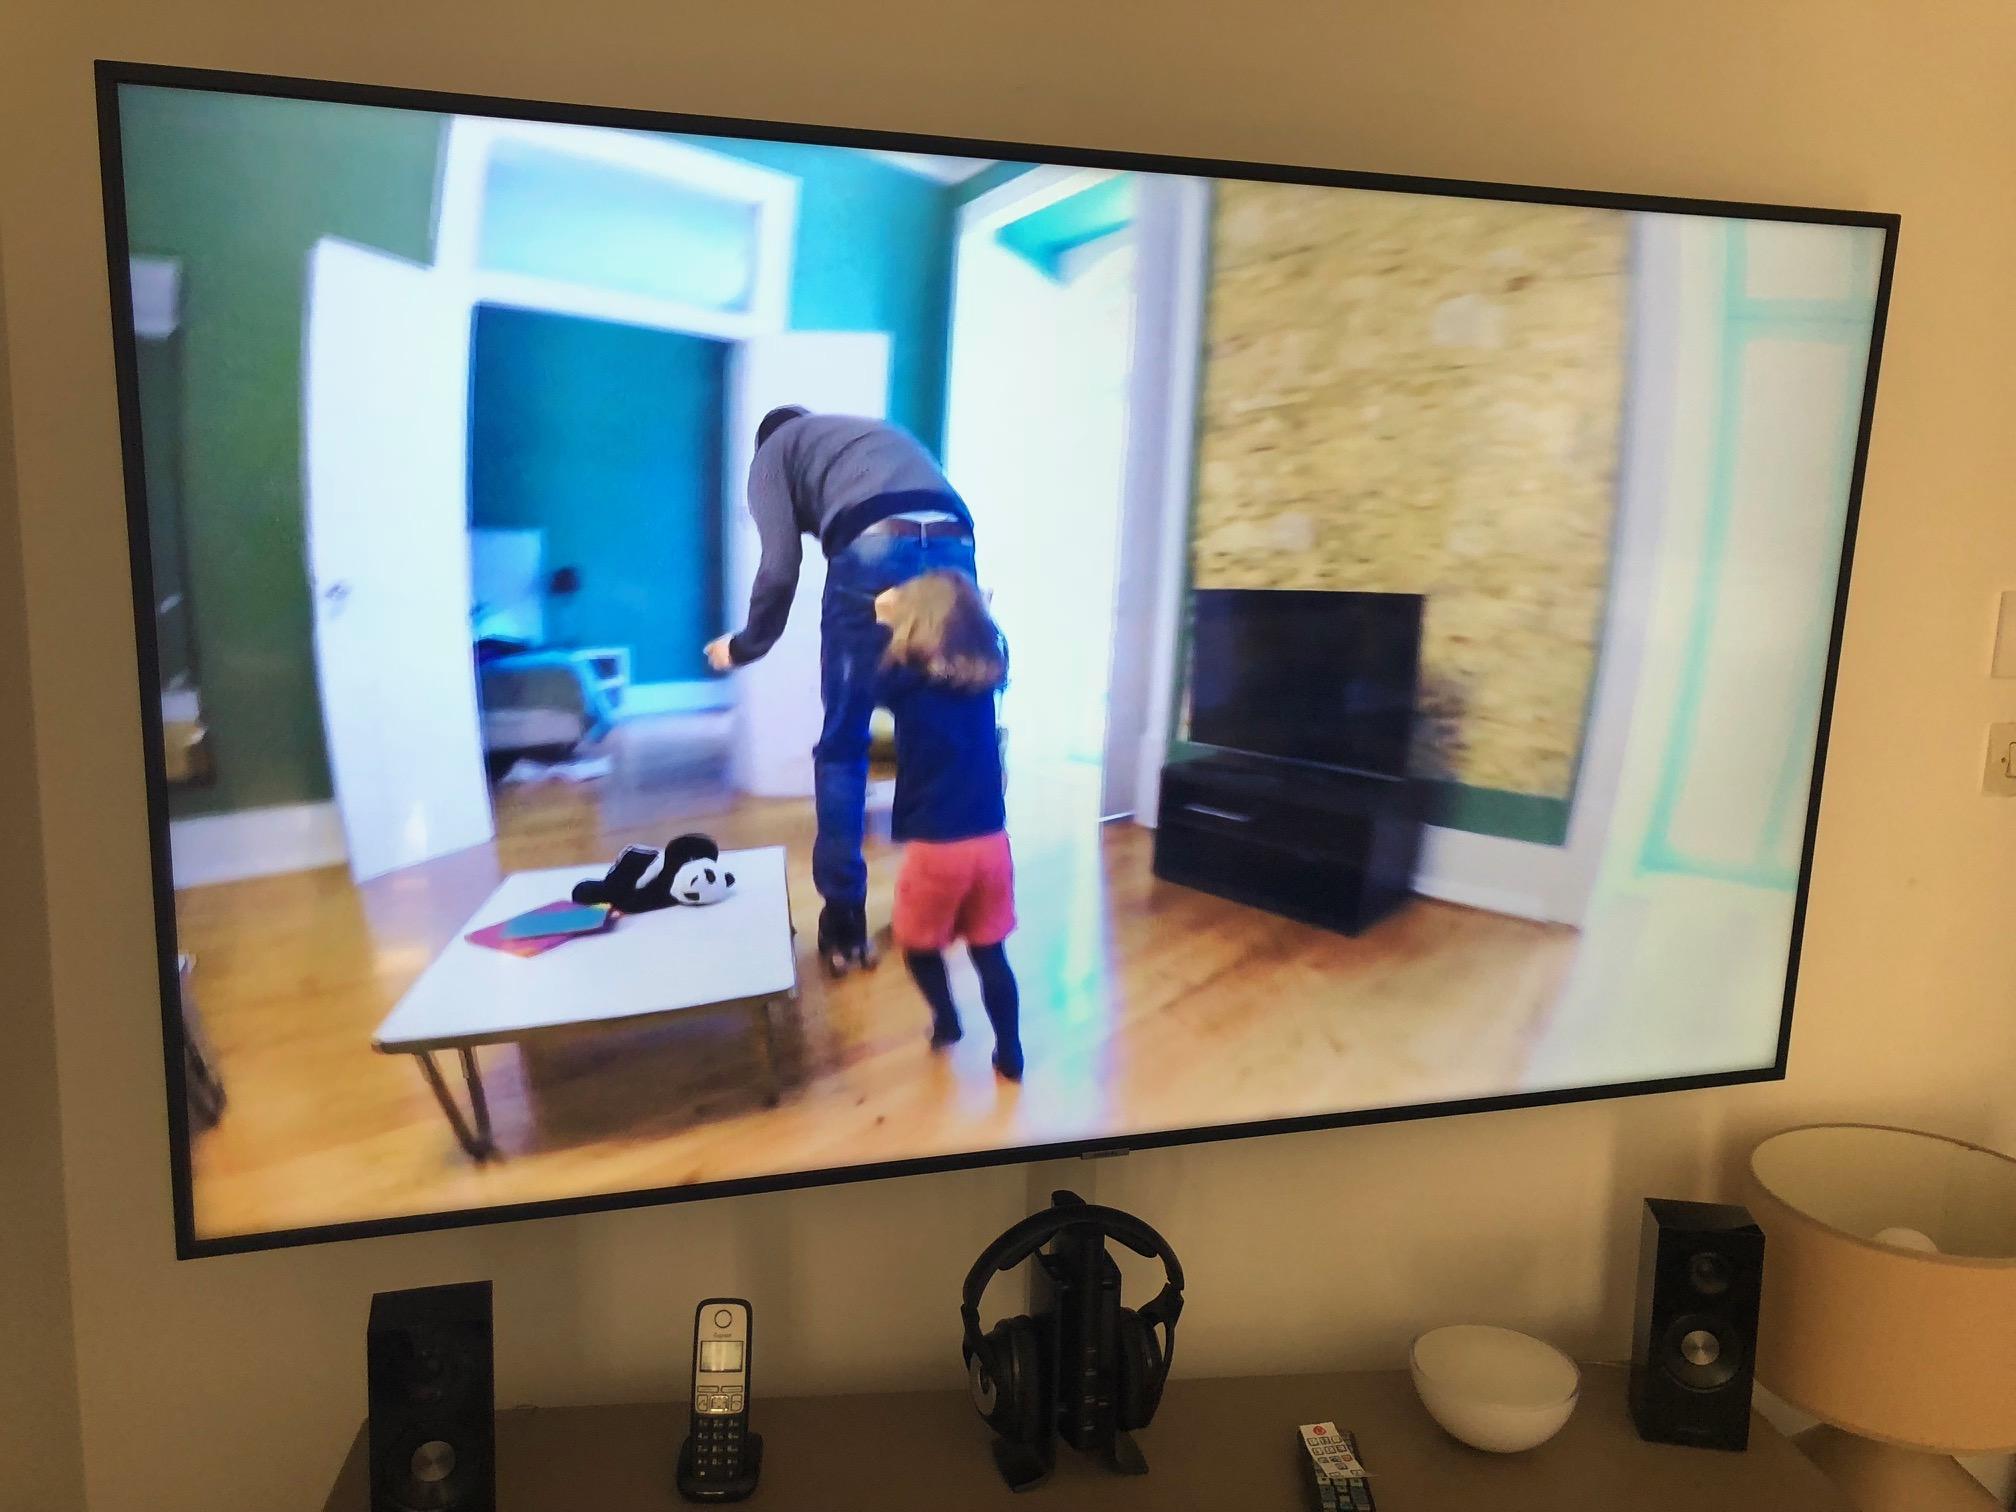 A Quelle Hauteur Mettre Une Tele Au Mur ma nouvelle tv led 4k samsung ou comment l'accrocher et l